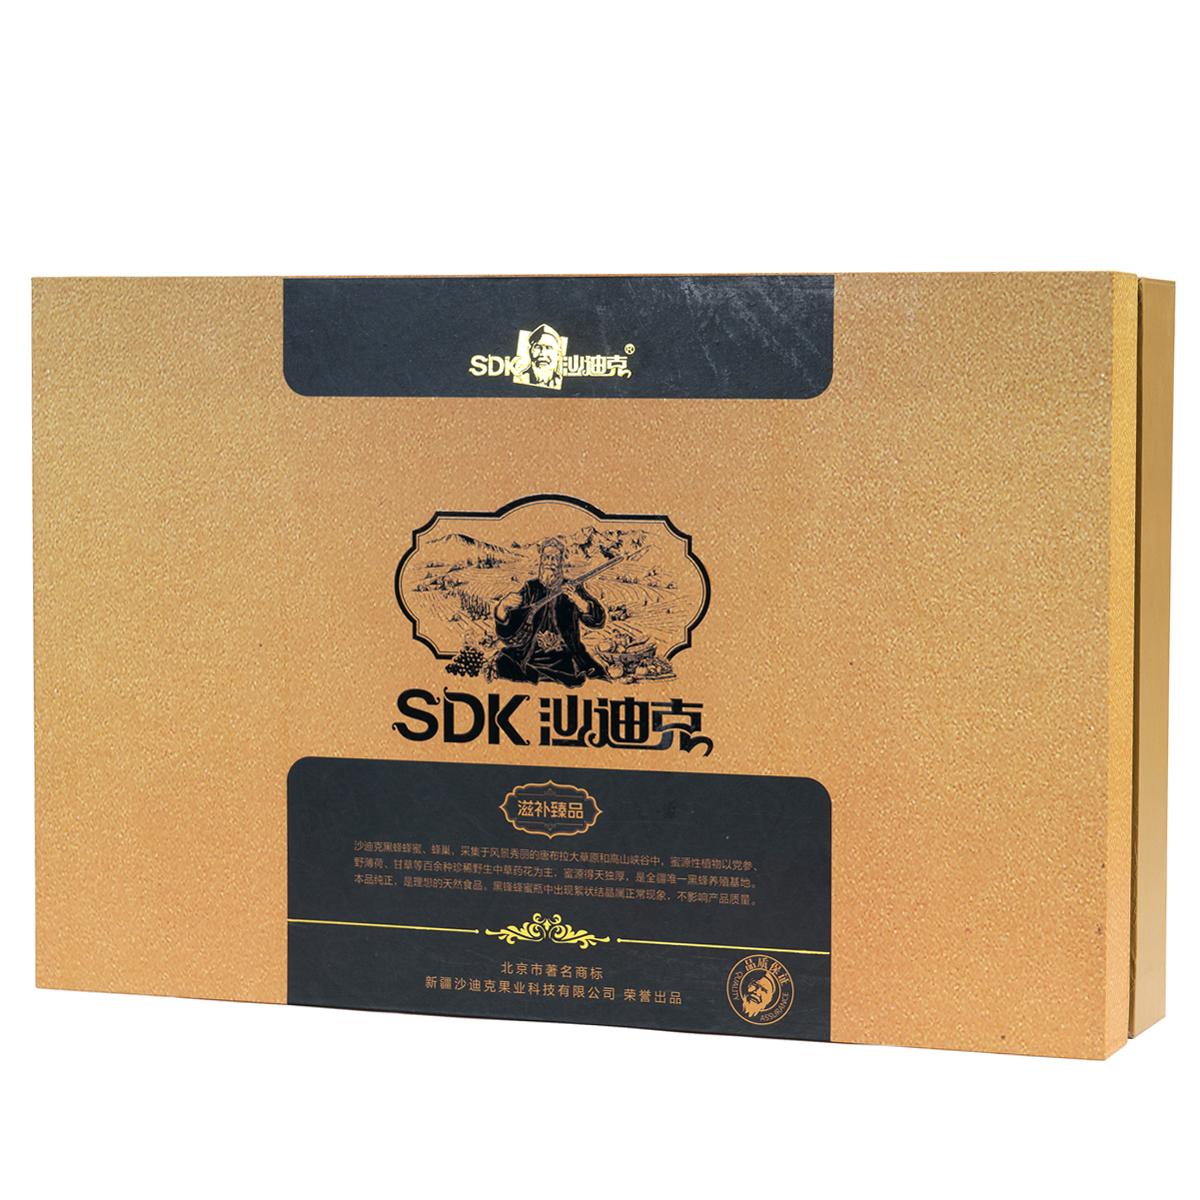 包装 包装设计 购物纸袋 纸袋 1200_1200